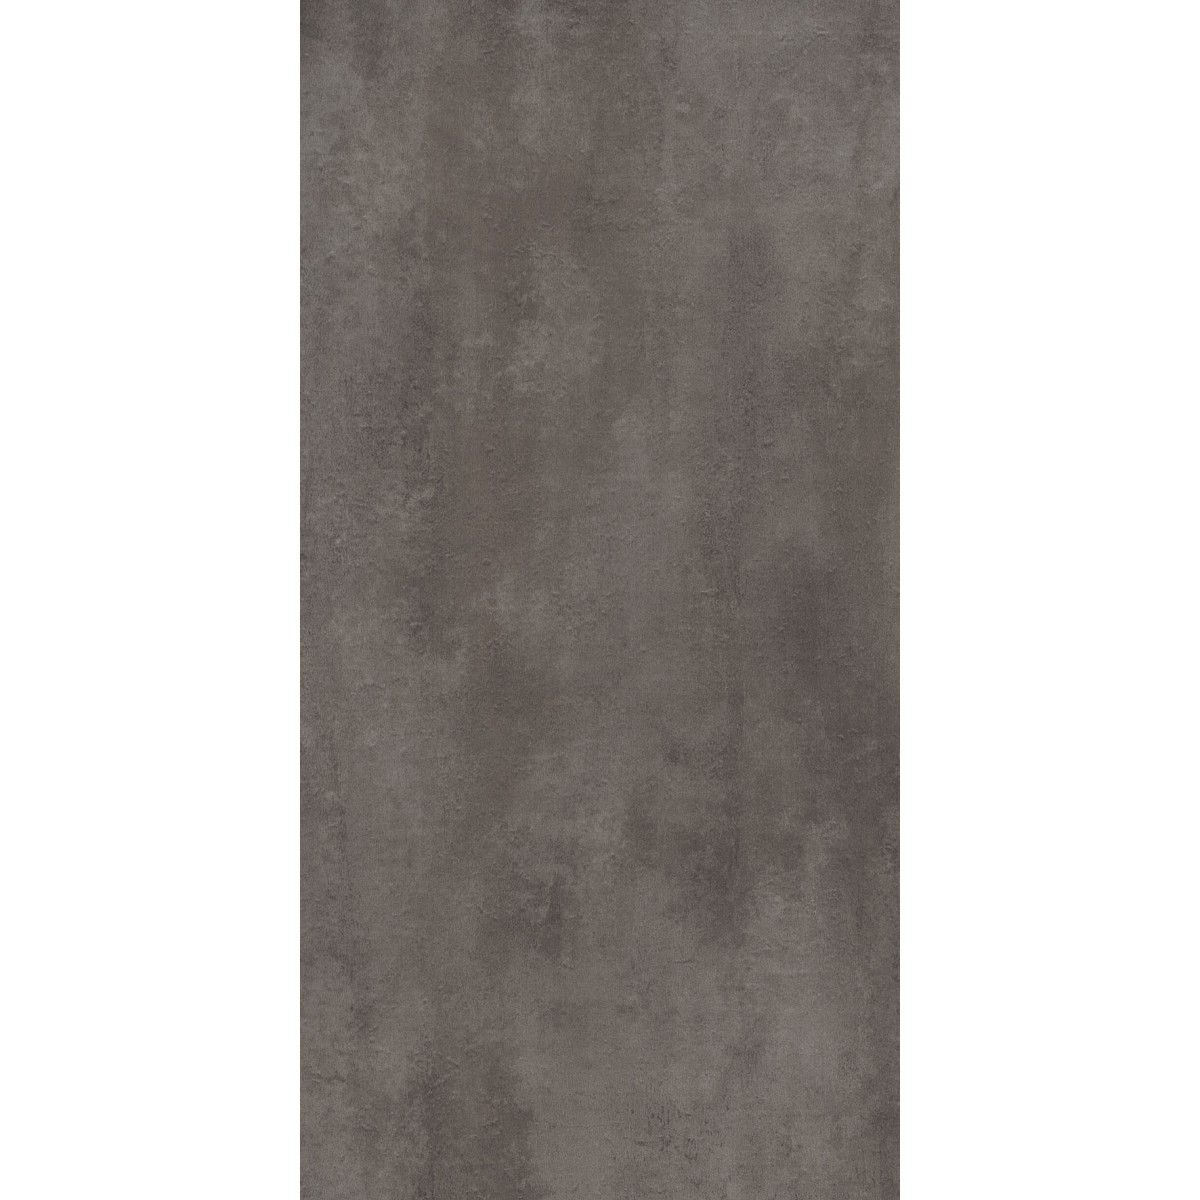 Facido B!Design vinyylilattia sopii kodin kaikkiin tiloihin sen erinomaisten ominaisuuksiensa ansiosta. Se on veden-, iskun- ja naarmun kestävä. Vinyylilattia on myös hiljainen ja lämmin jaloille. Vinyylilattia sopii lattialämmityksen (vesikiertoinen) kanssa. 4,2 x 304,8 x 609,6 mm, 2,23 m²/pkt. Clic-pontilla.